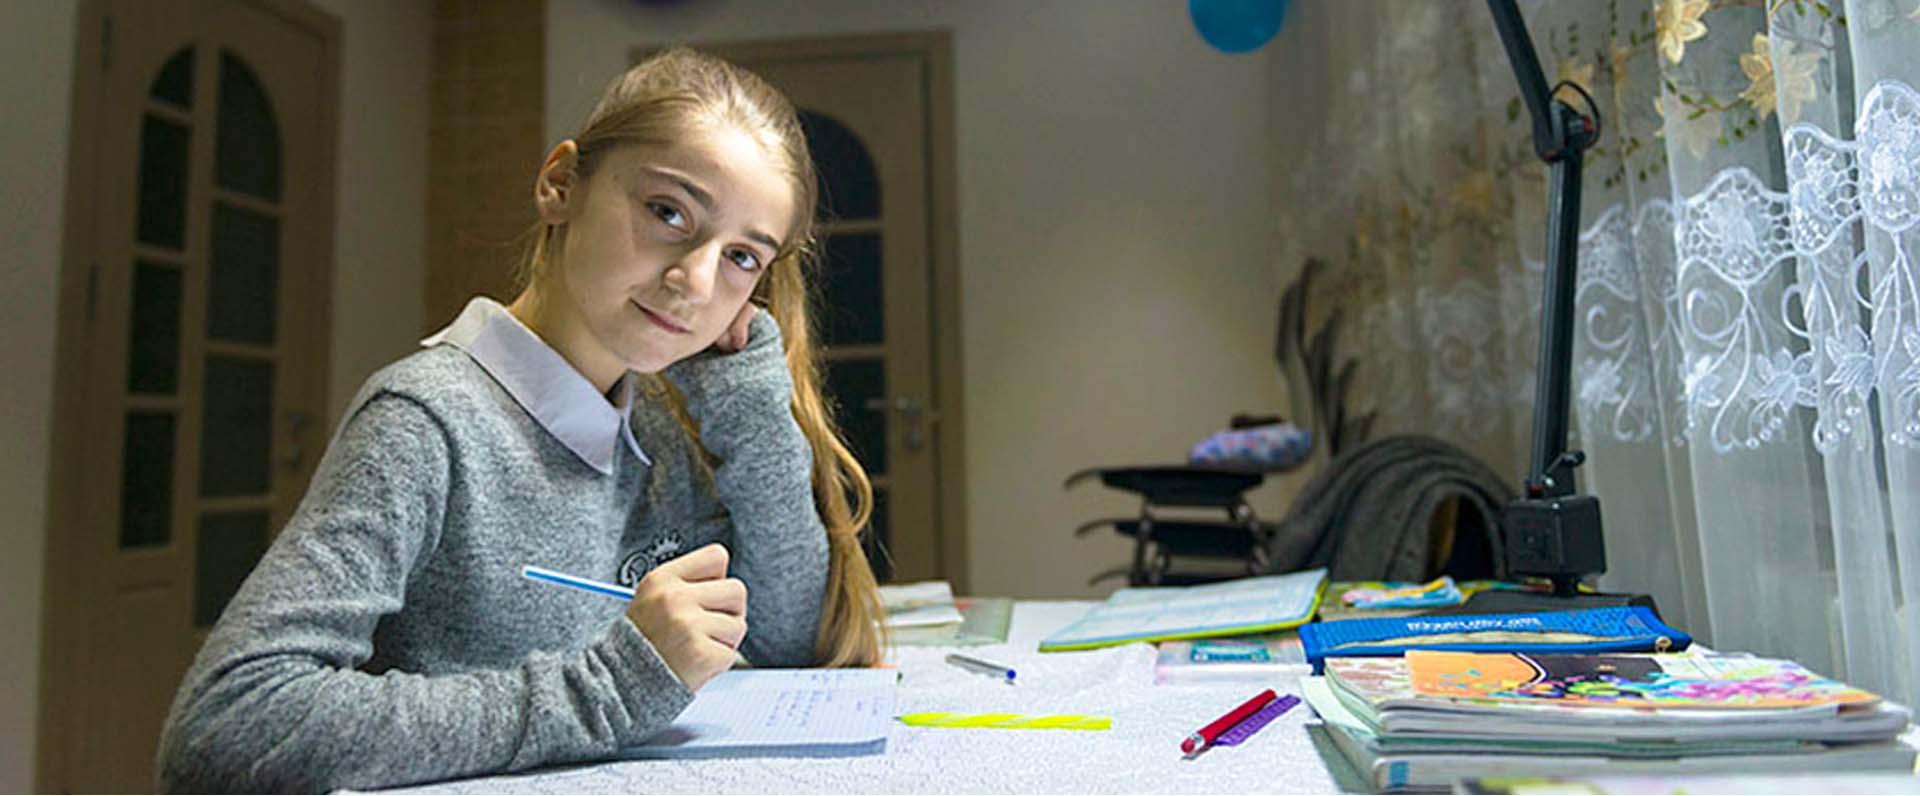 Porträtt av en flicka som sitter vid ett bord med skrivböcker framför sig.